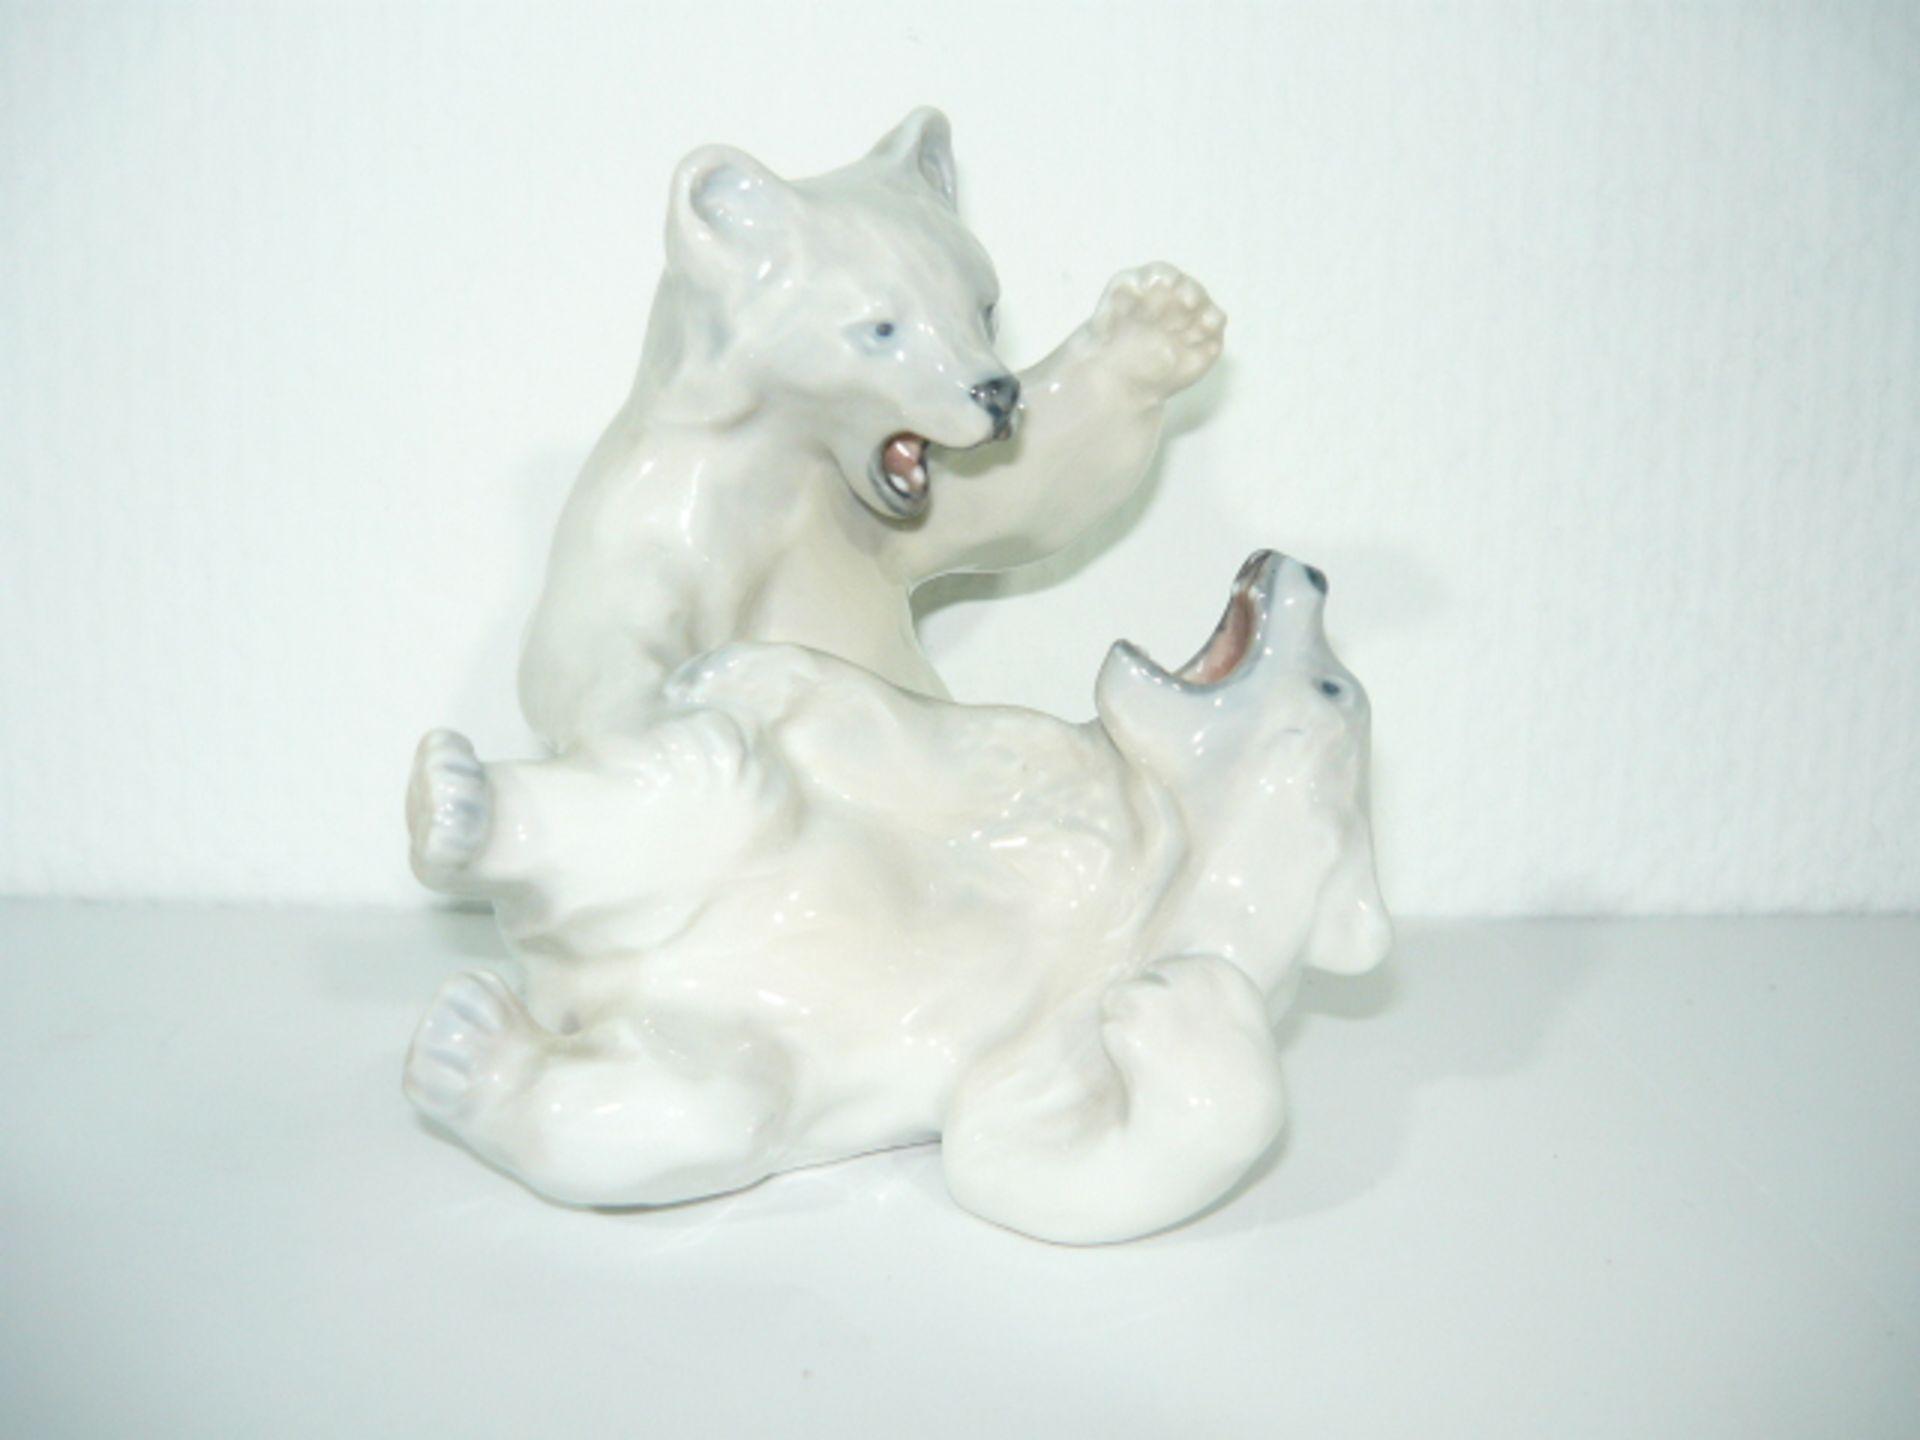 Royal Copenhagen. Zwei kämpende Eisbären. II.W. Maß ca. 15x15x15cm. KOSTENLOSER VERSAND INNERHALB